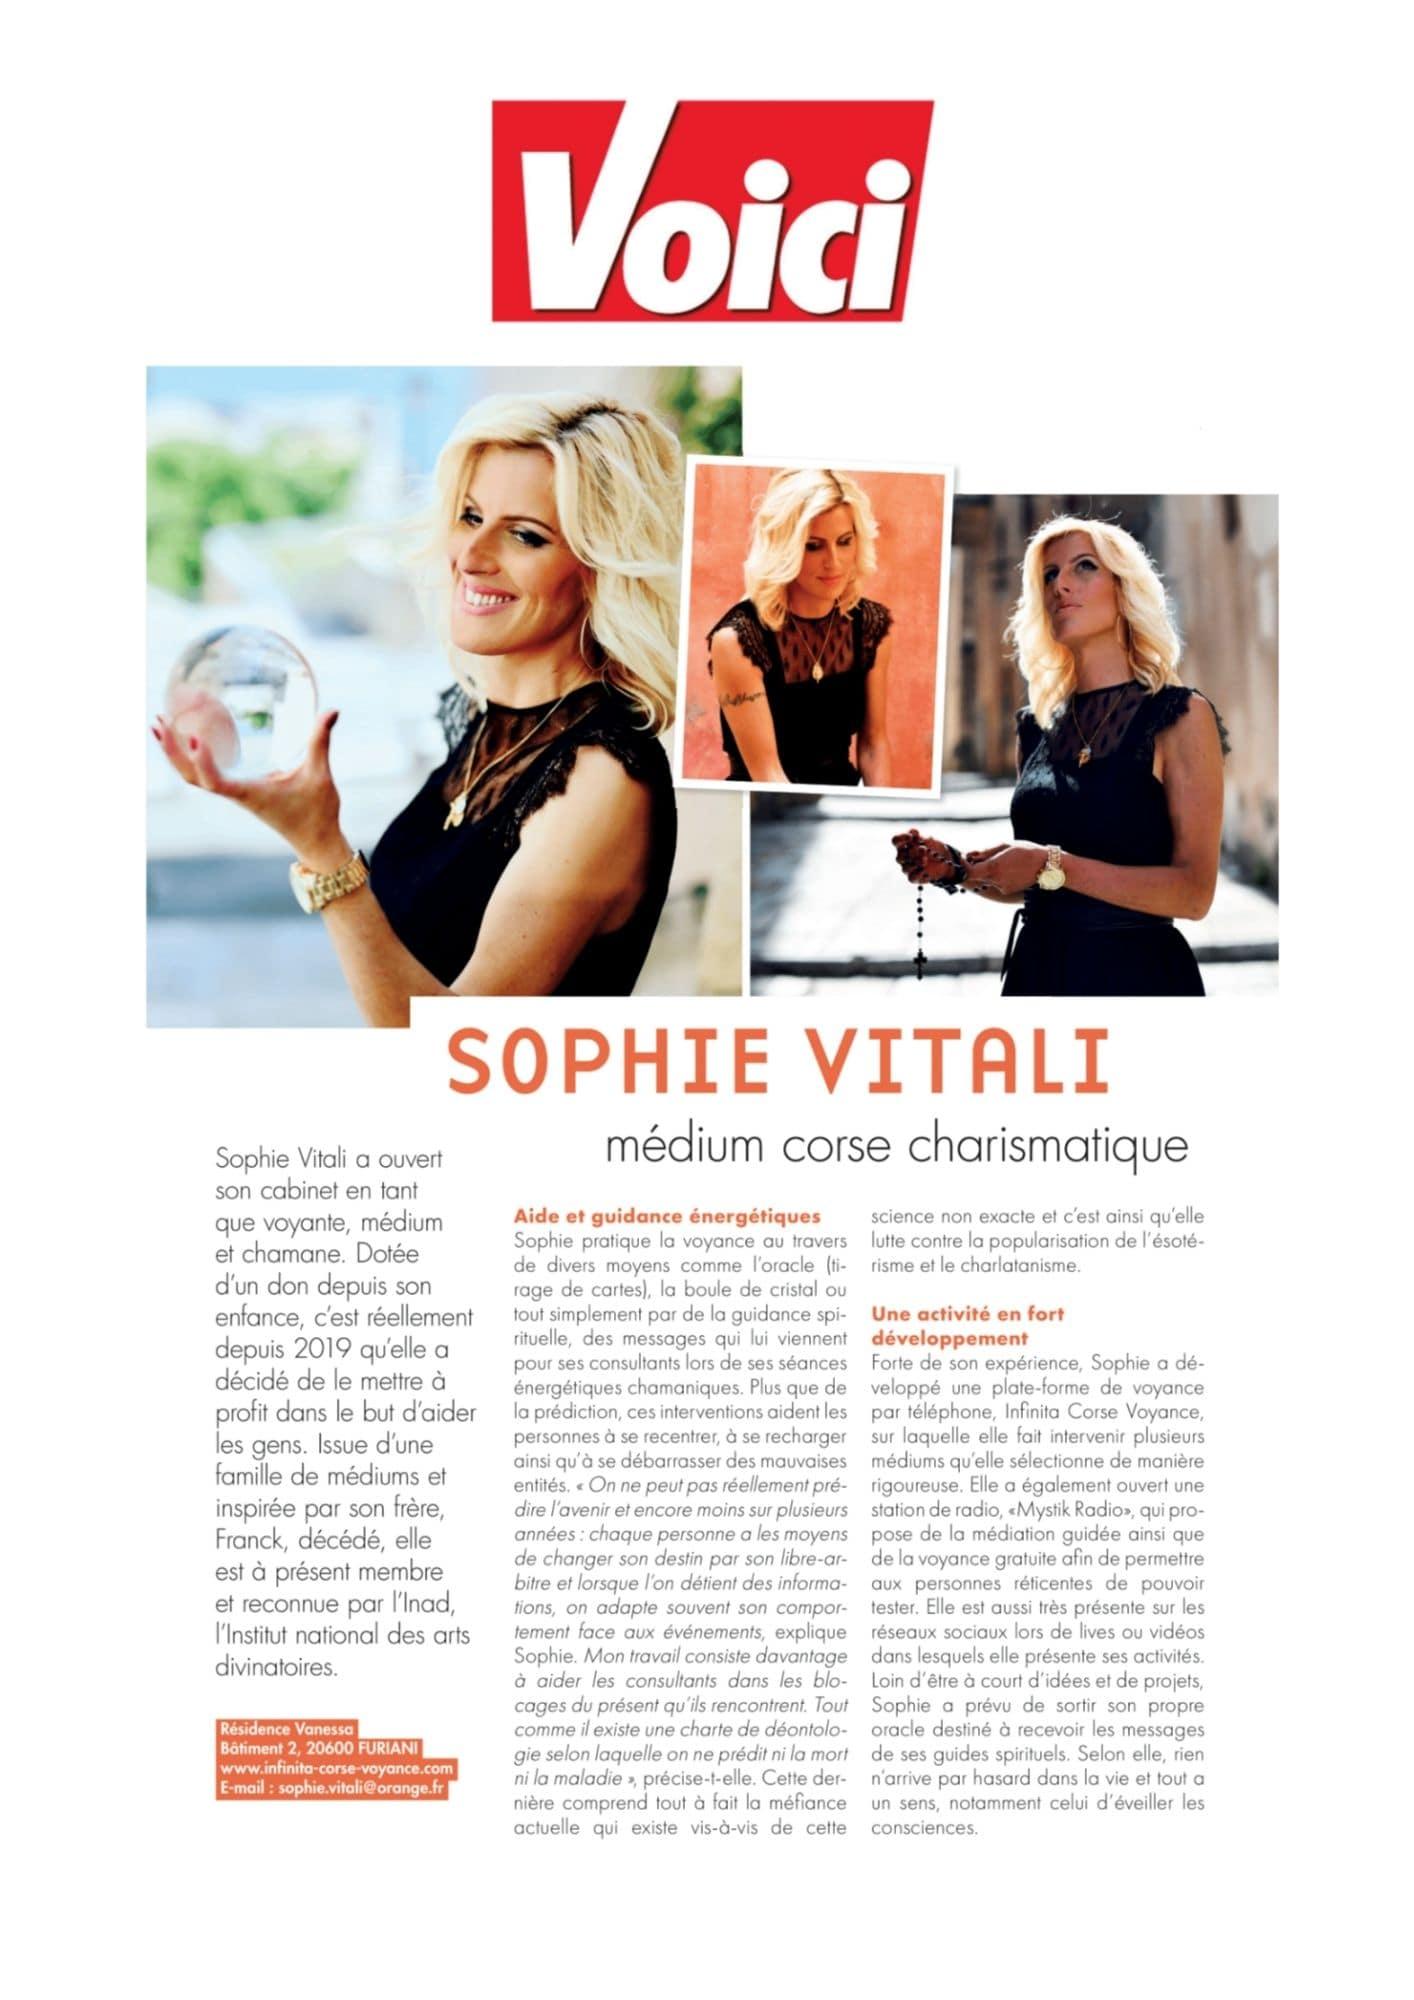 Sophie Vitali / Voici